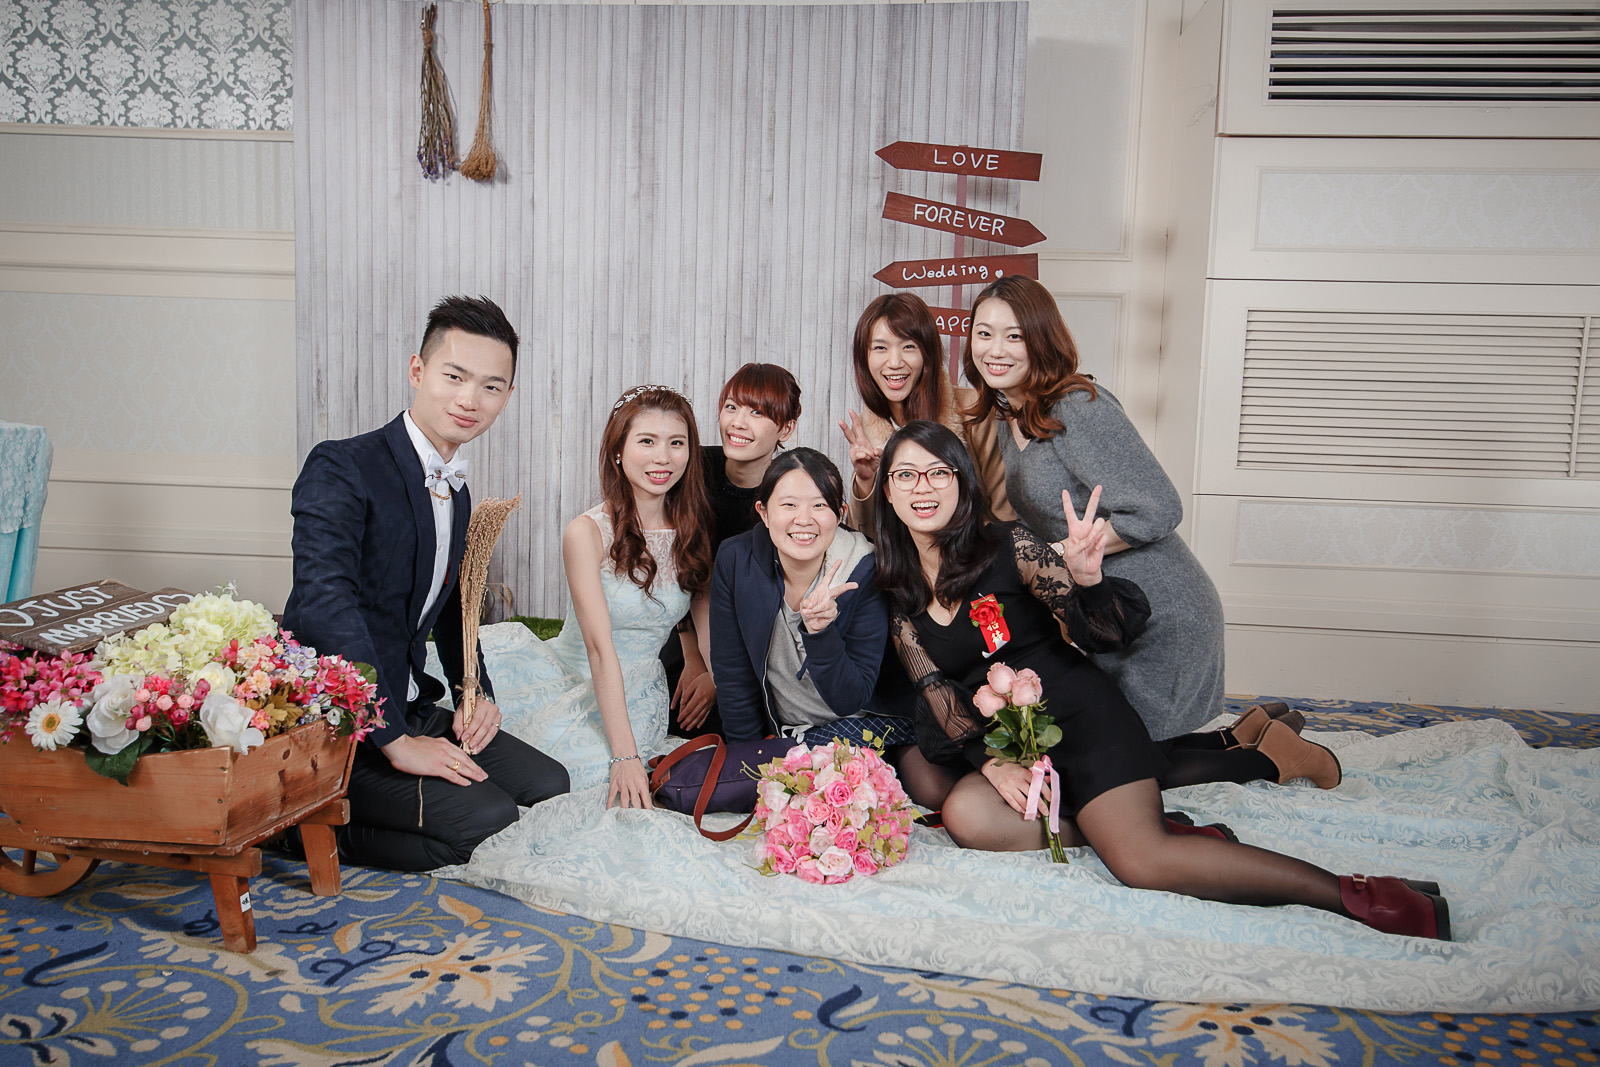 高雄圓山飯店,婚禮攝影,婚攝,高雄婚攝,優質婚攝推薦,Jen&Ethan-346